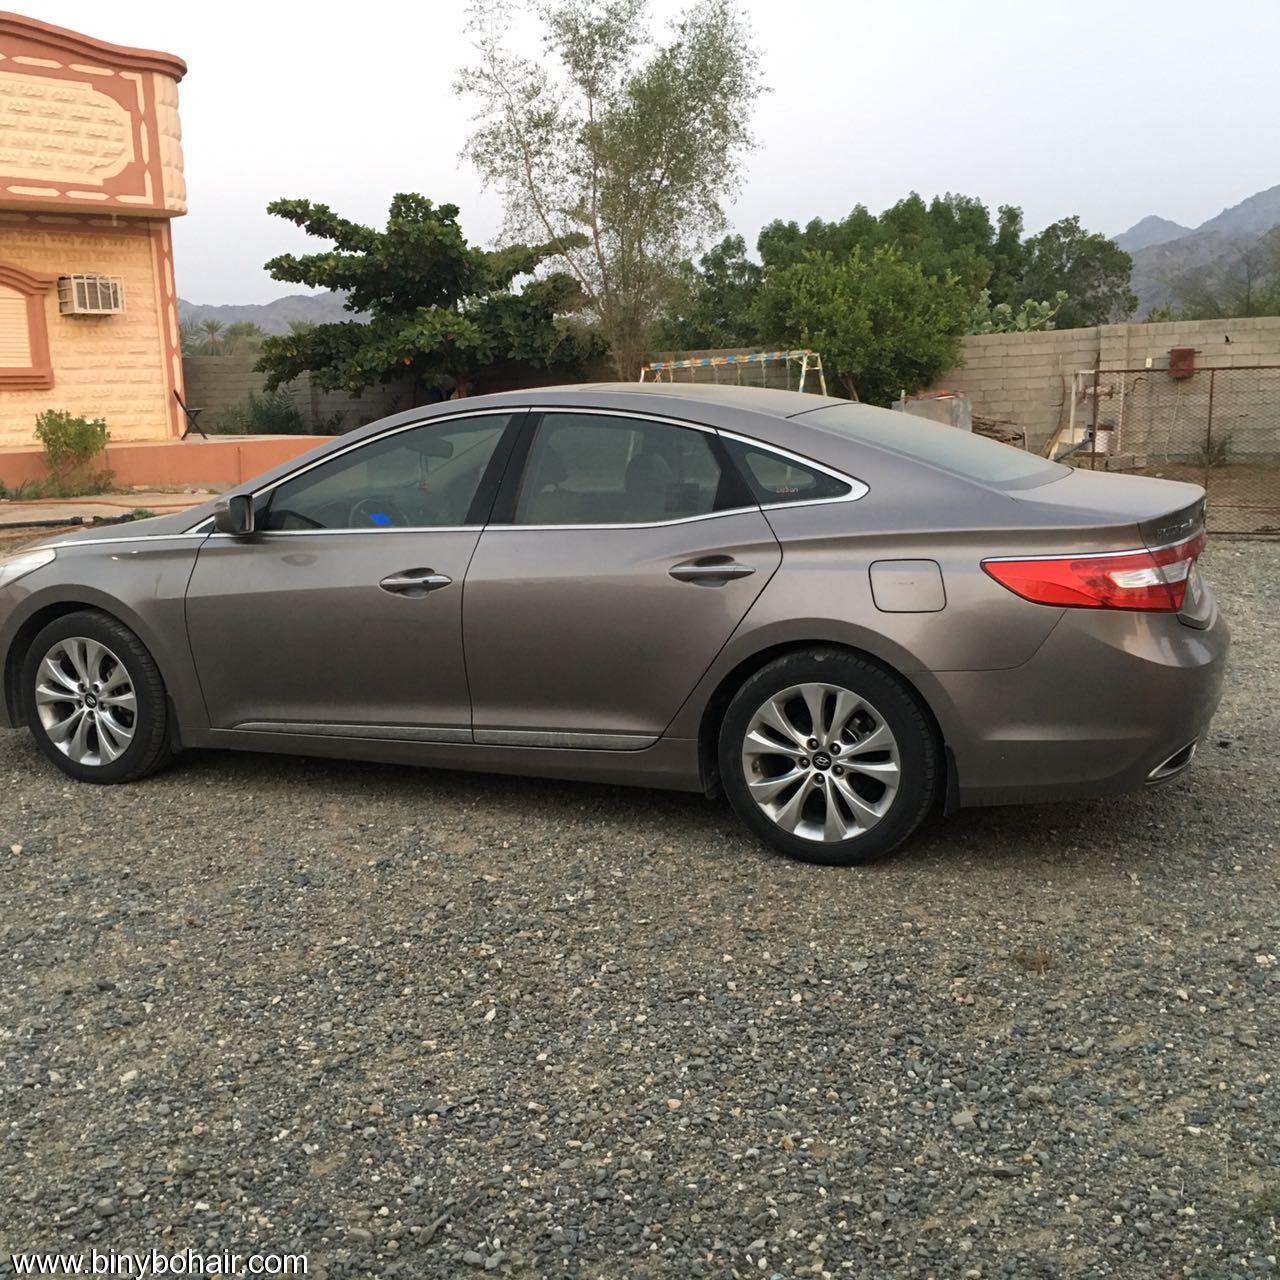 للبيع سيارة ازيرا 2013 مجدد d0416049.jpg